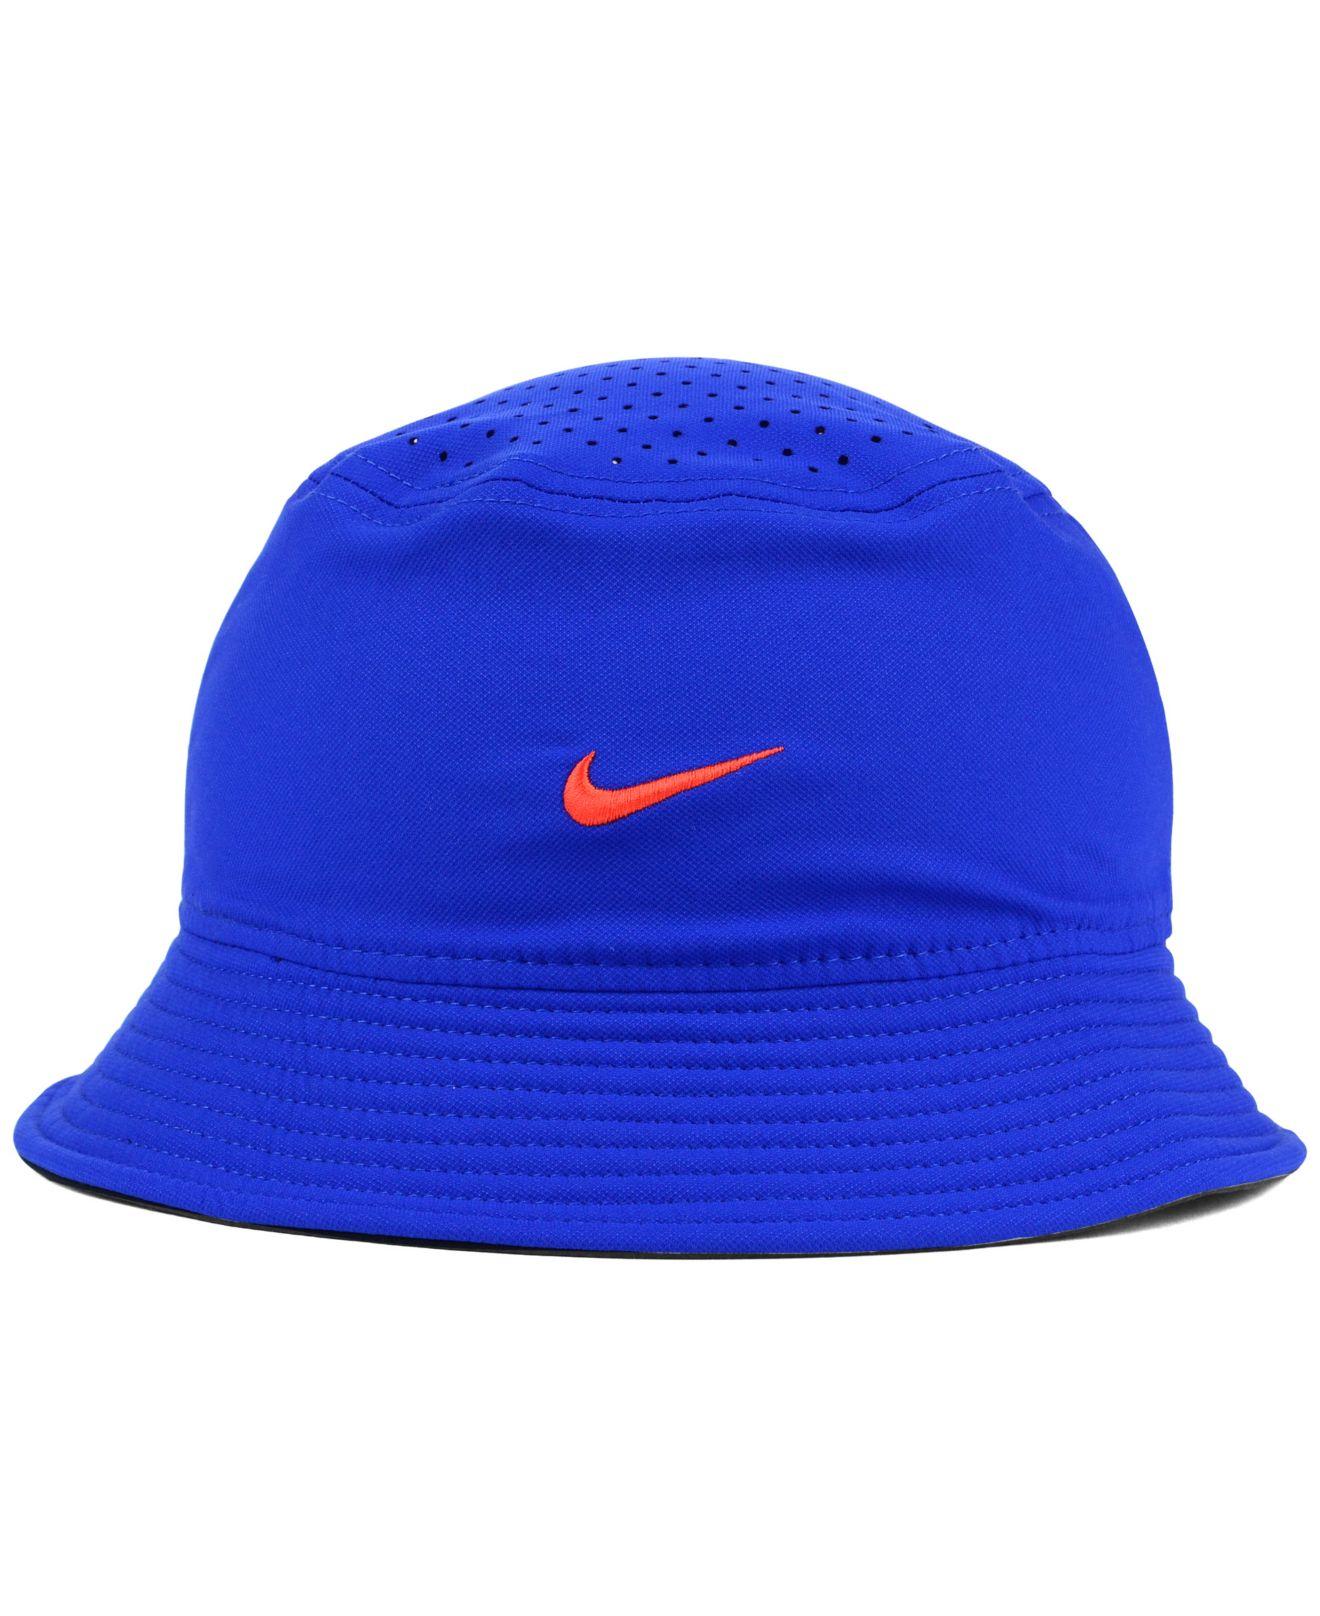 Lyst - Nike Florida Gators Vapor Bucket Hat in Blue for Men d4263405faa